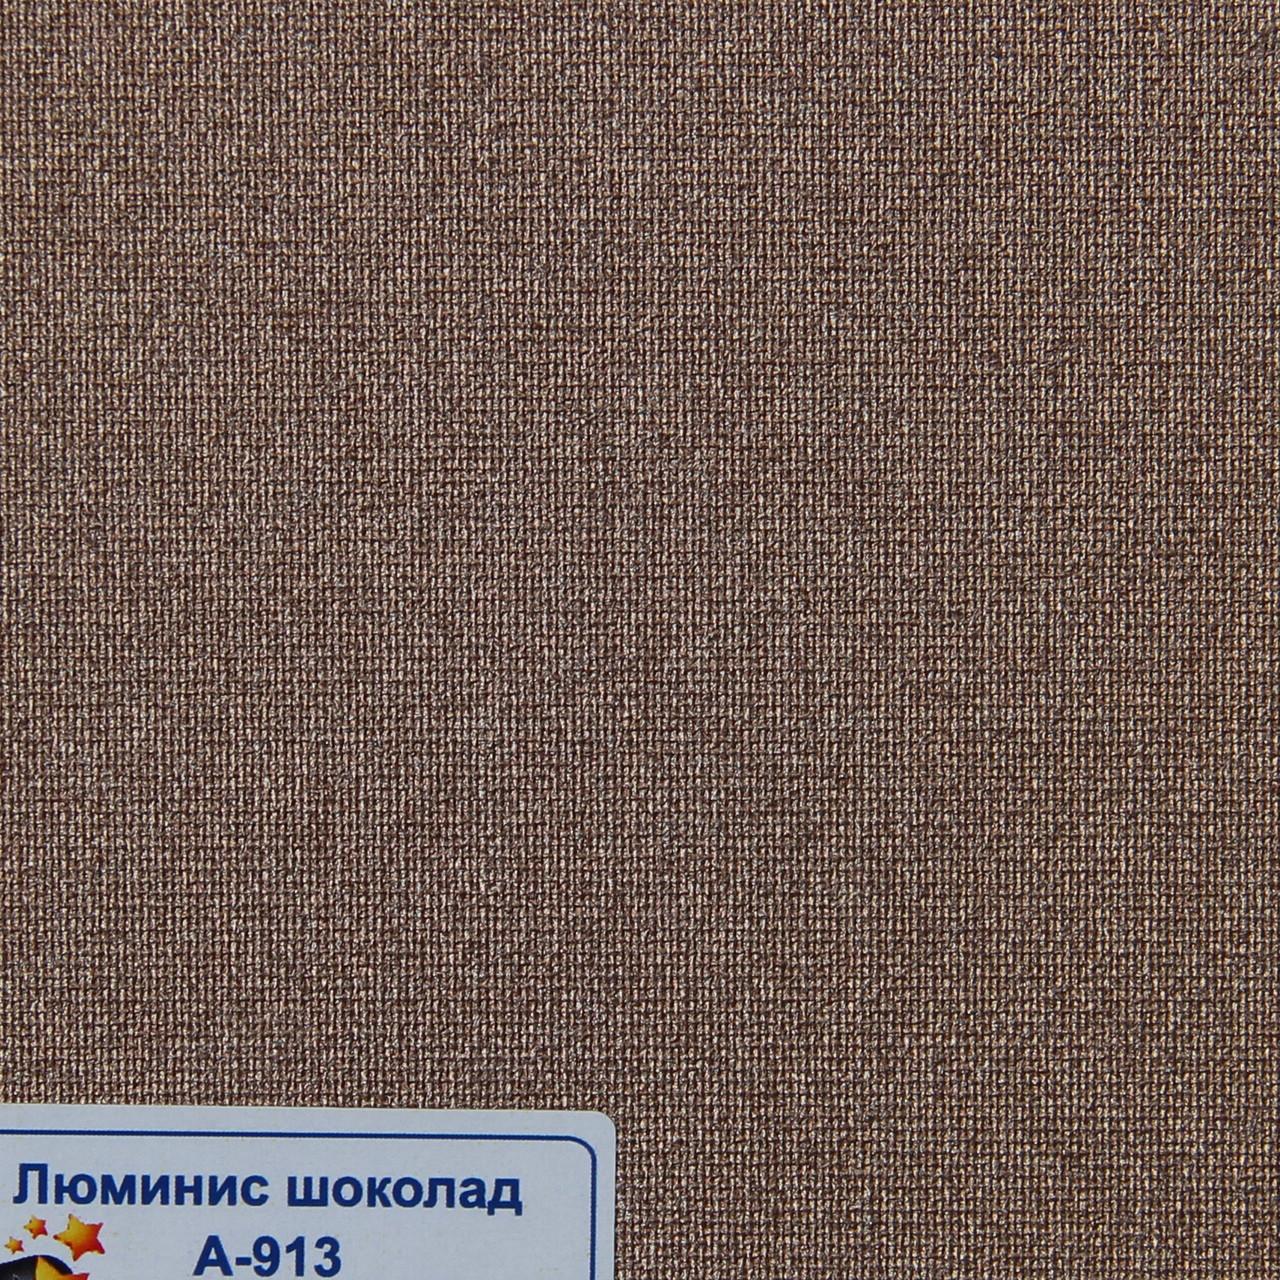 Рулонные шторы Одесса Ткань Люминис Шоколад А-913